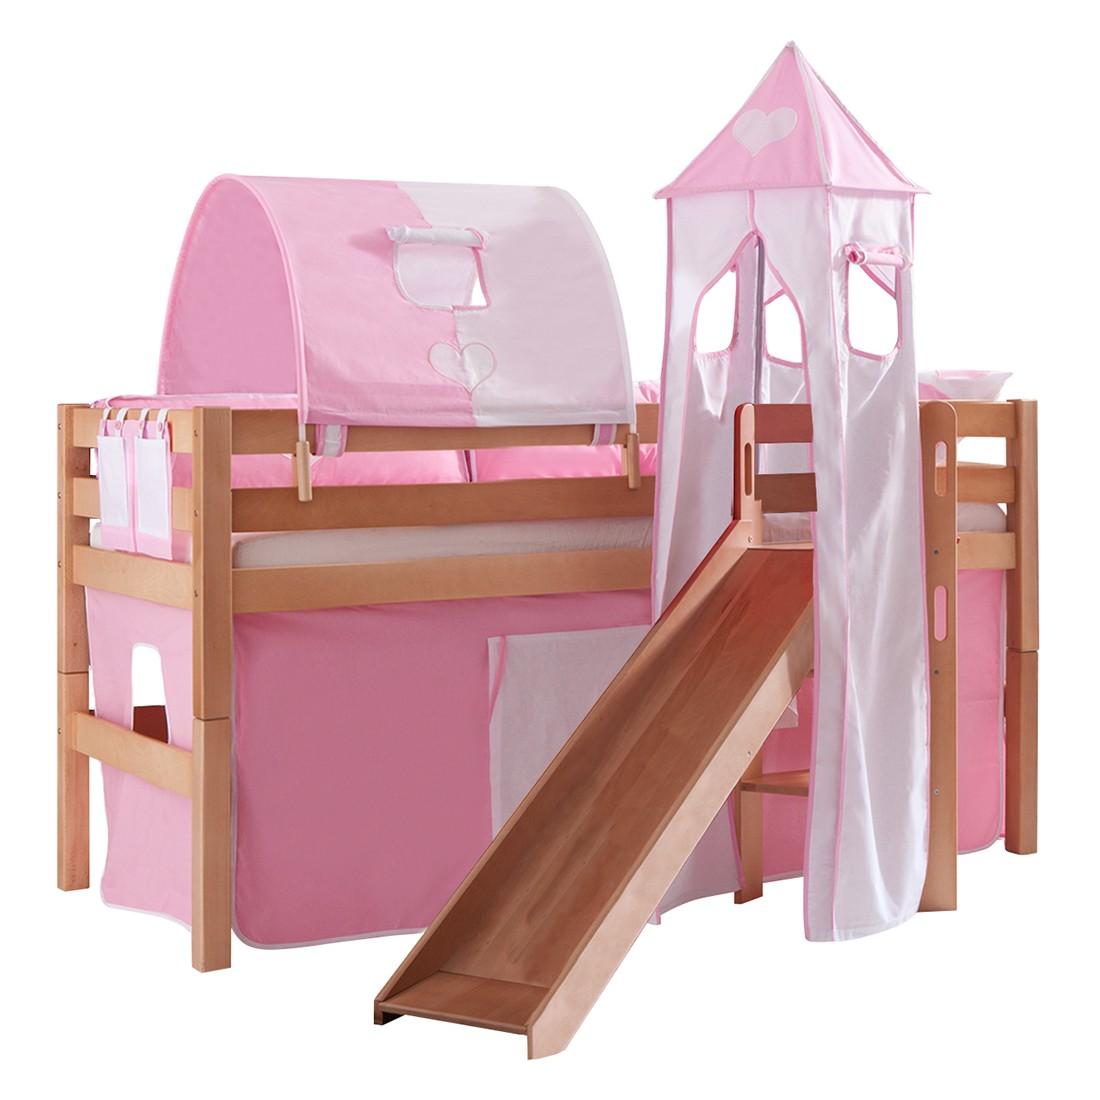 Spielbett Eliyas - mit Rutsche, Vorhang, Tunnel, Turm und Tasche - Buche natur/Textil rosa-weiß-herz, Relita